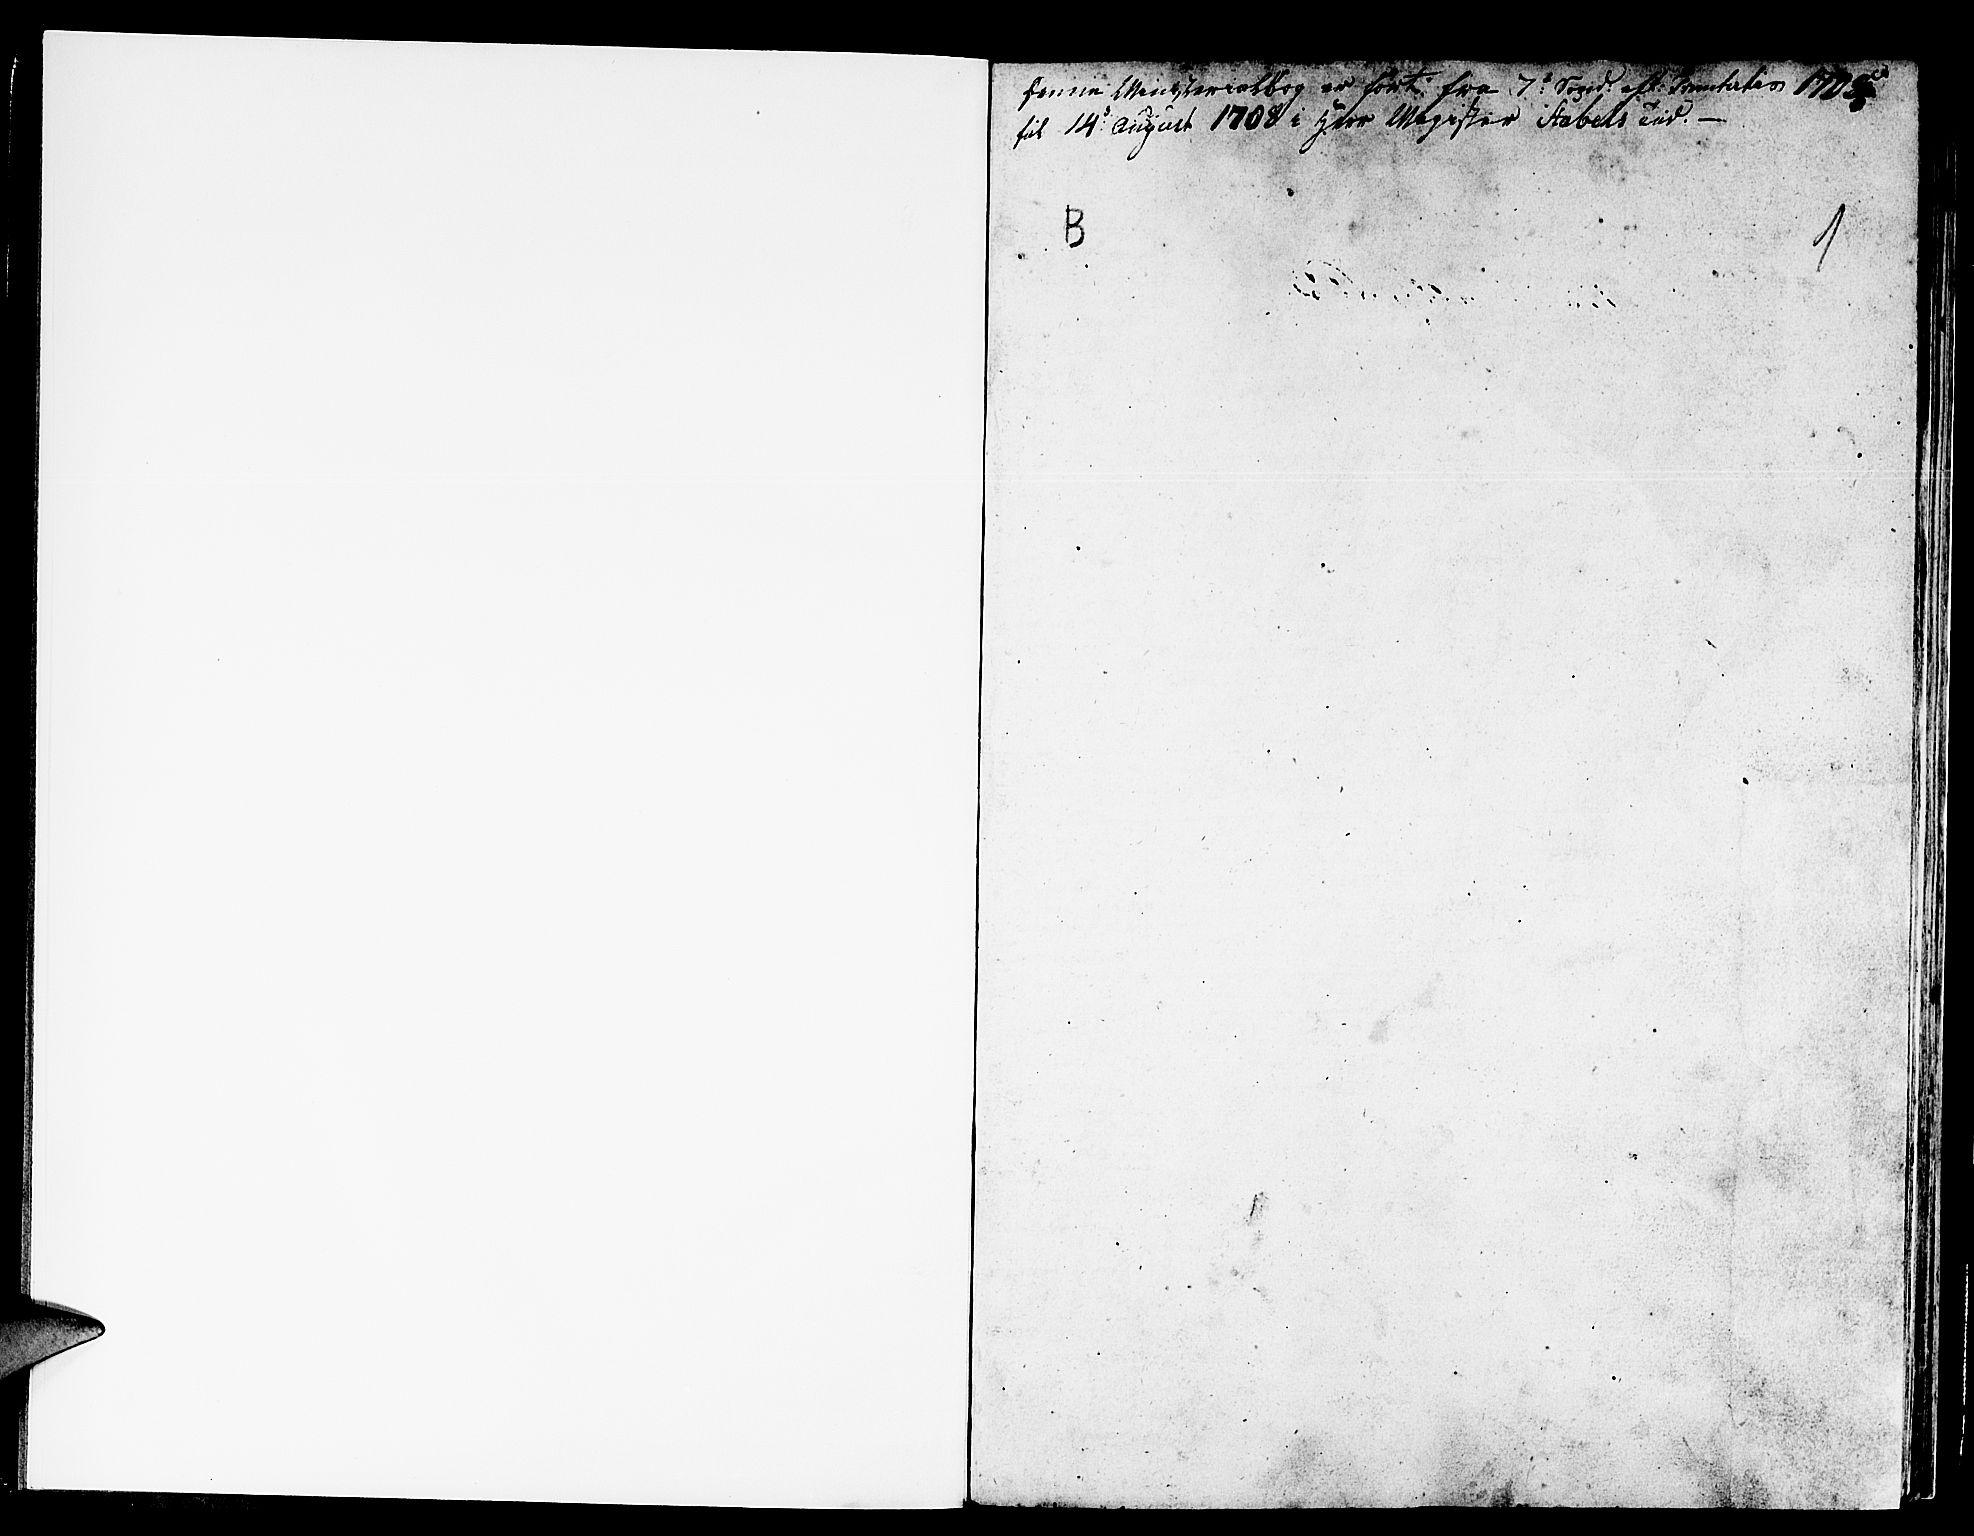 SAB, Gulen Sokneprestembete, Ministerialbok nr. A 4, 1705-1708, s. 1